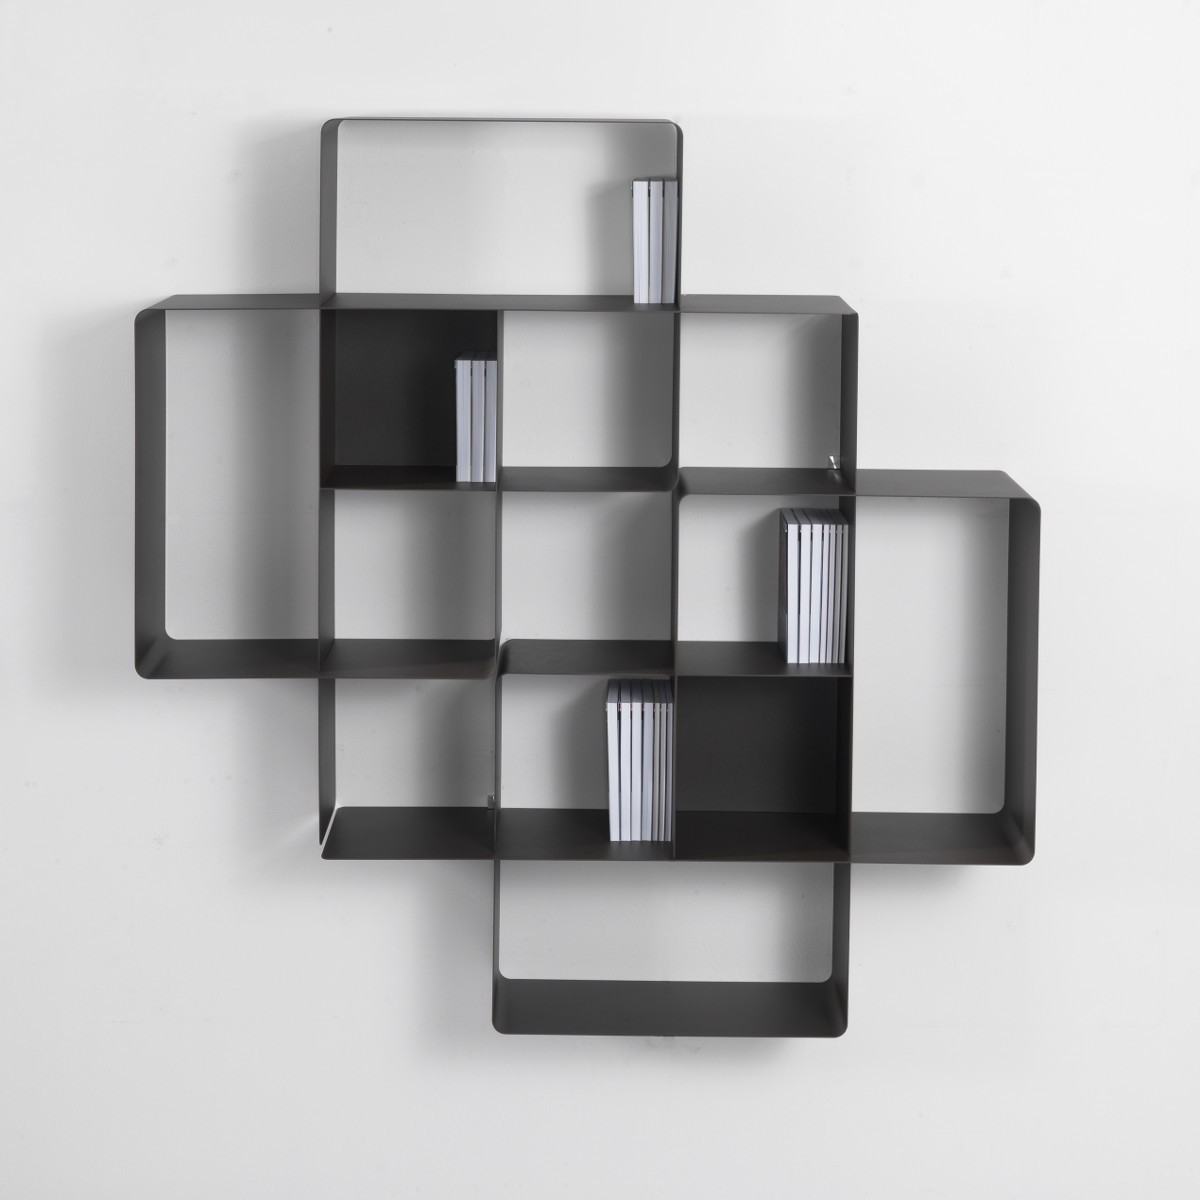 mondrian libreria a parete moderna in metallo componibile